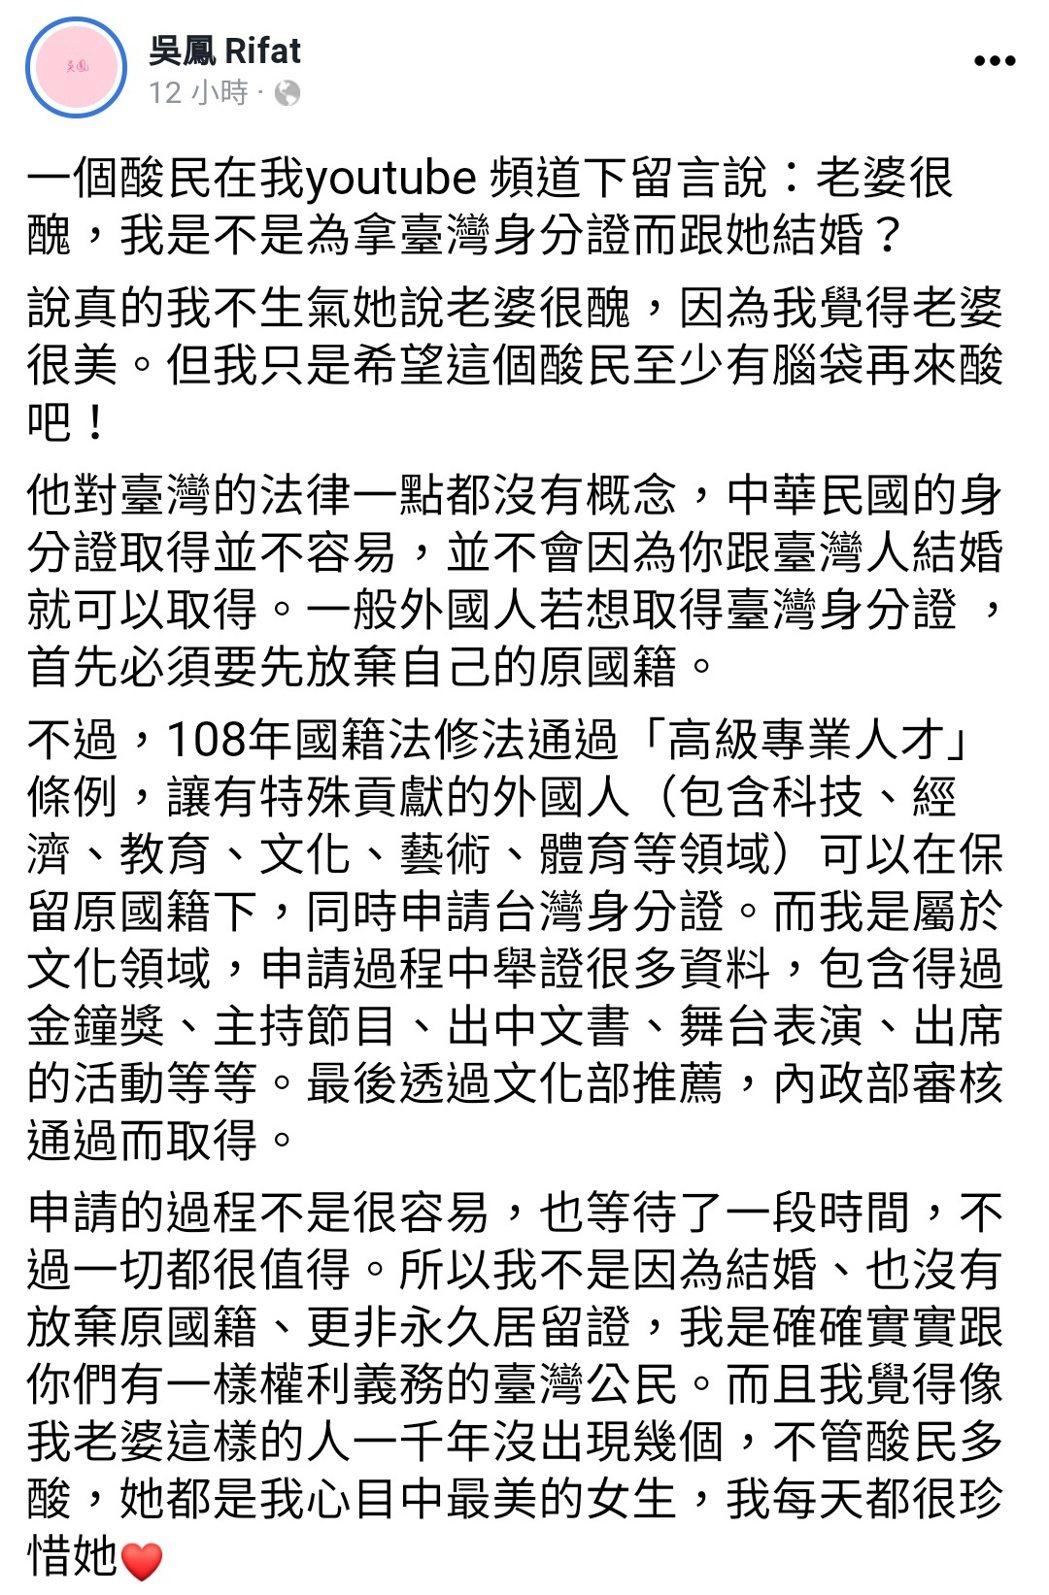 吳鳳回應酸民的攻擊。 圖/擷自吳鳳臉書